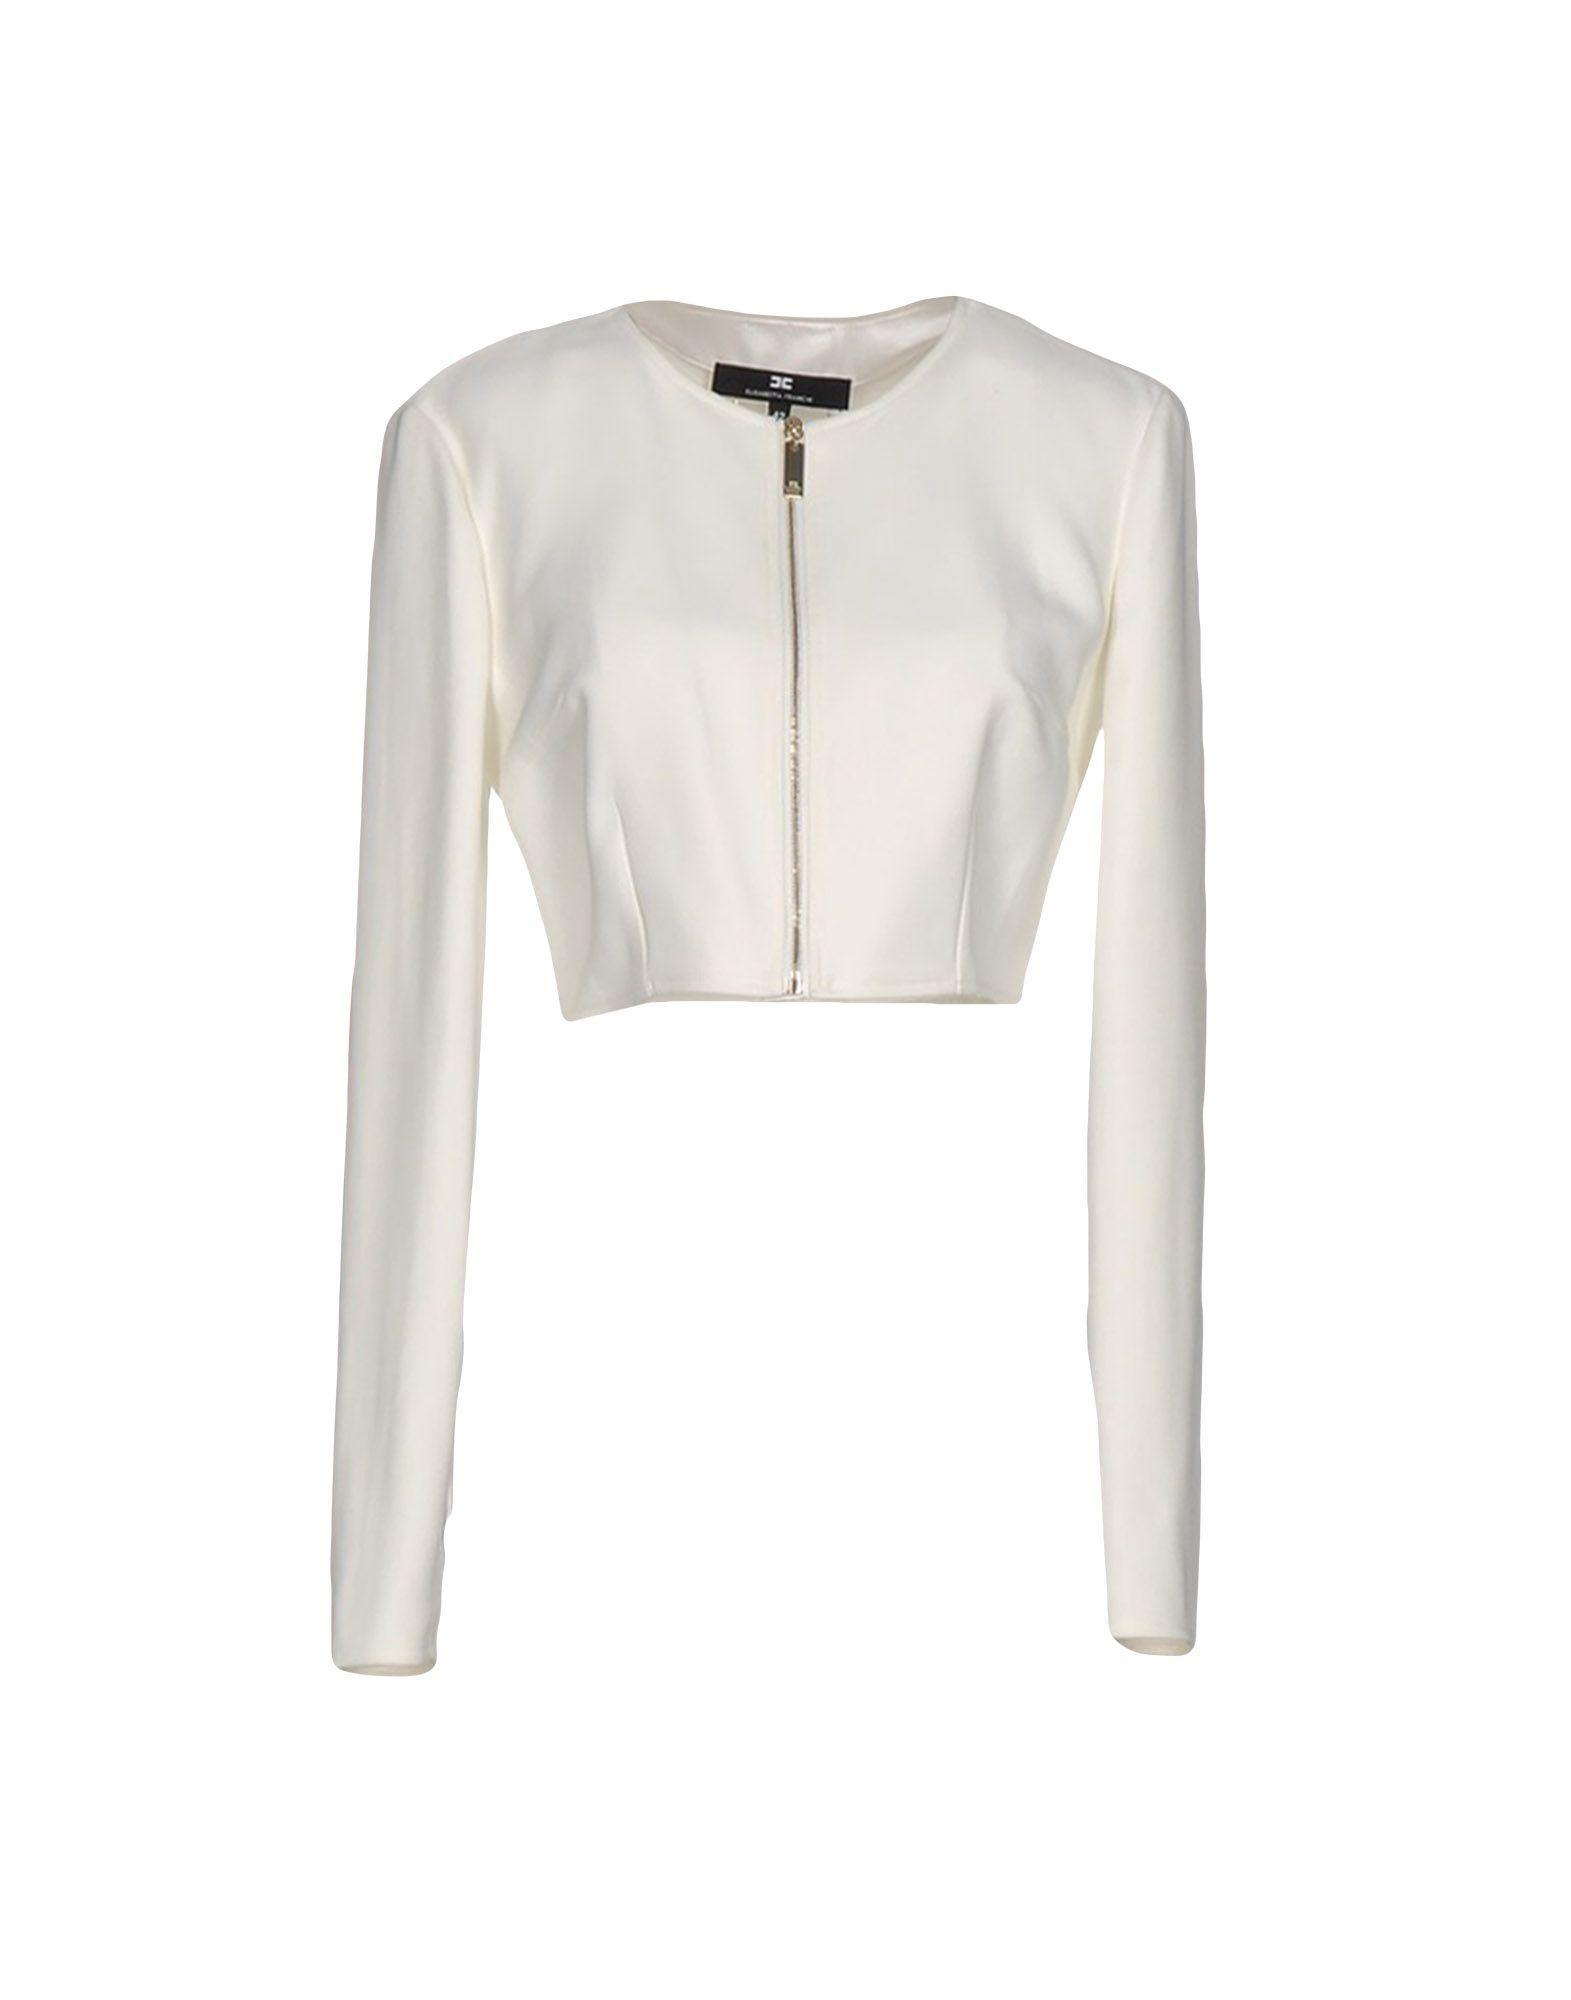 Elisabetta Franchi Ivory Cropped Jacket